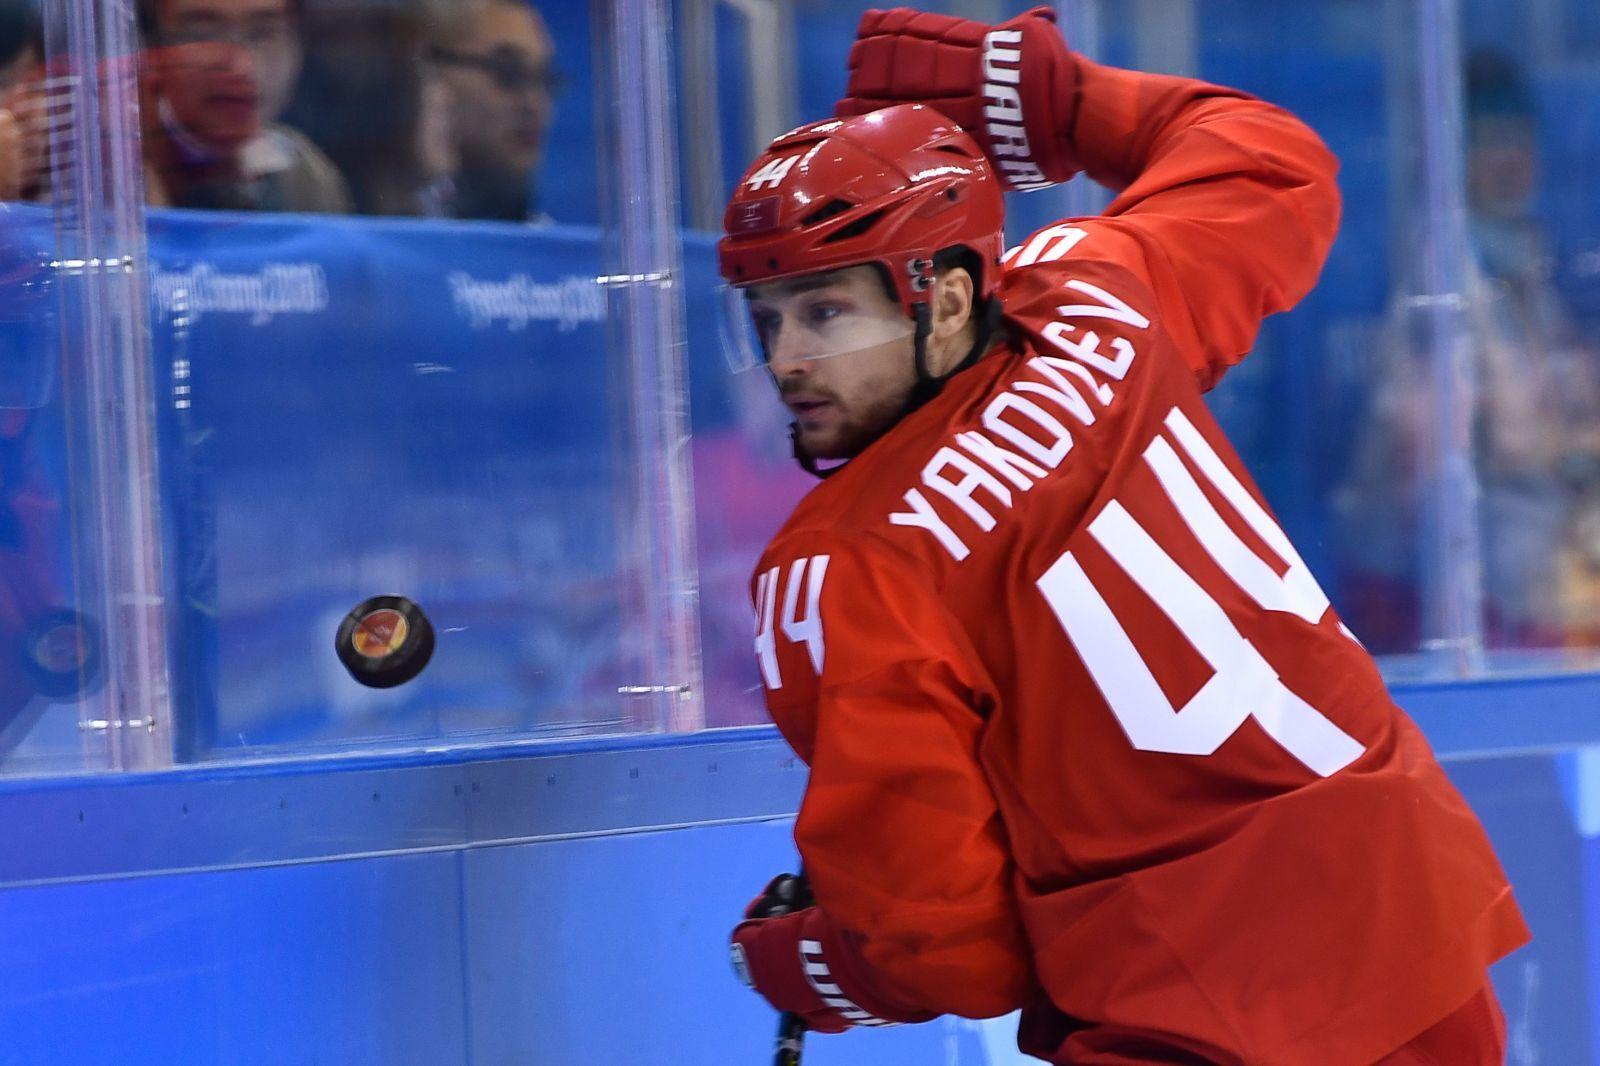 923948524-ihockey-oly-2018-pyeongchang-rus-ger.jpg